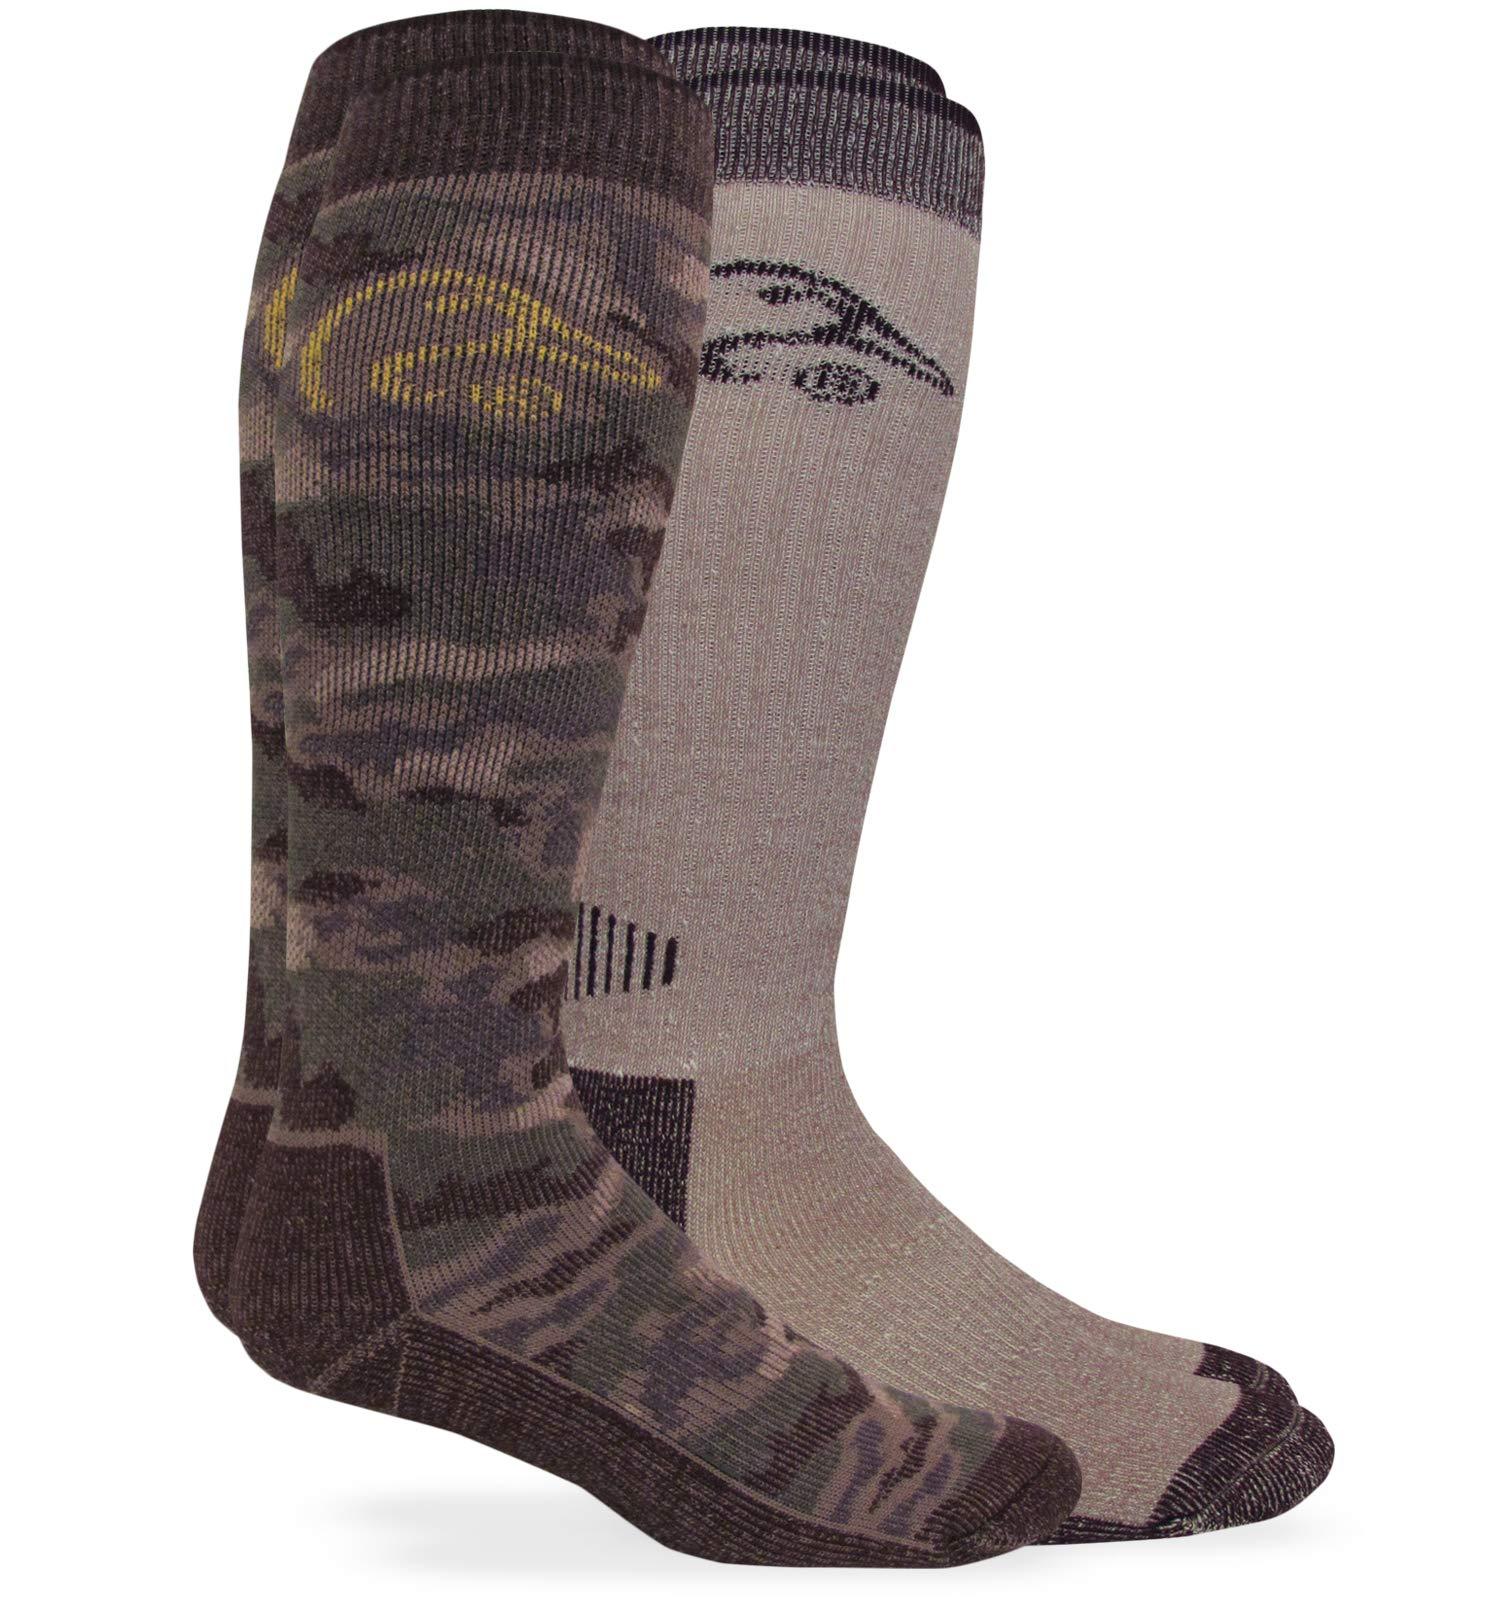 Ducks Unlimited All Seaon Tall Merino Wool Boot Socks Sock